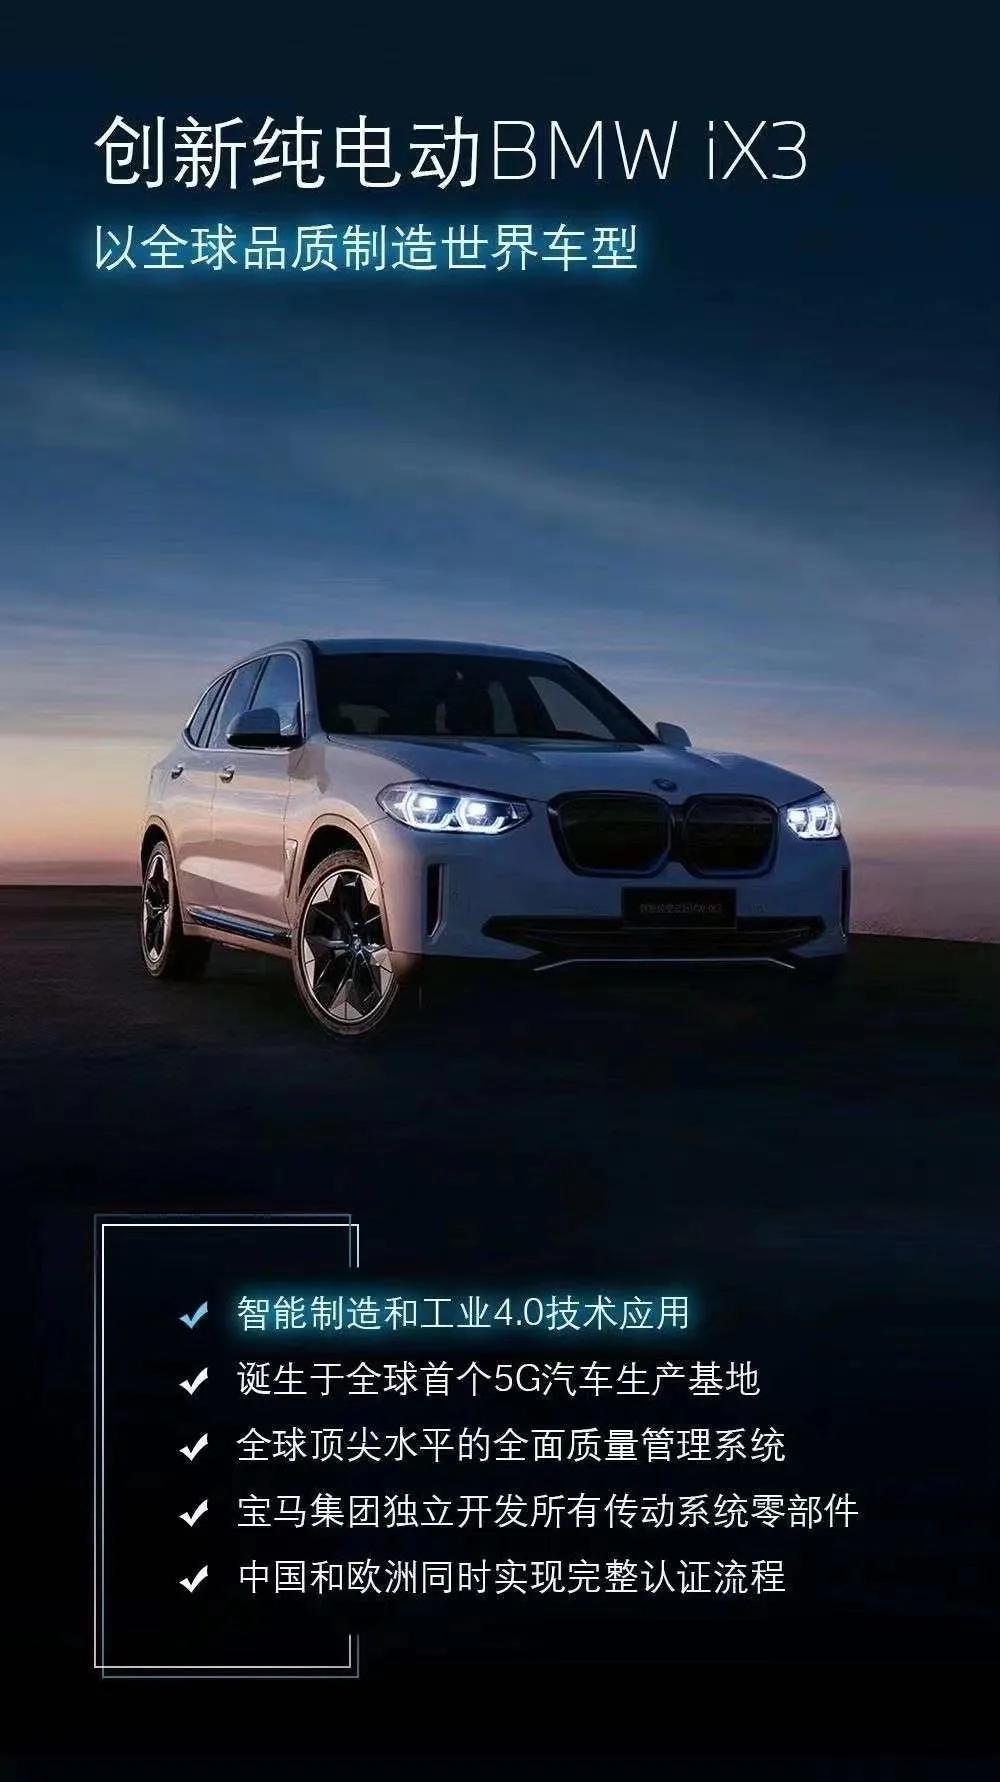 绍兴泓宝行|创新纯电动BMW iX3世茂外展即将开启